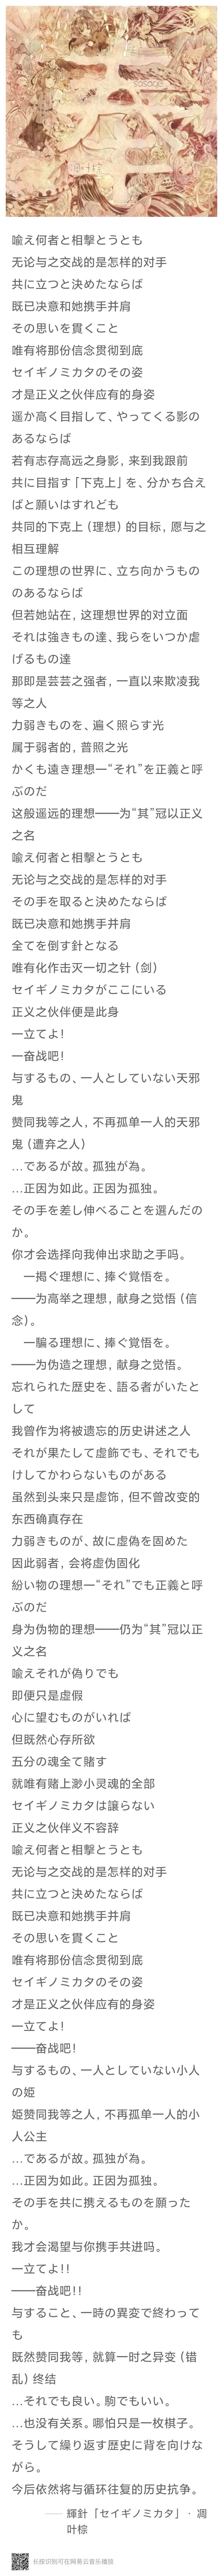 【音乐】輝針,爱丽丝学院动漫全集-小柚妹站